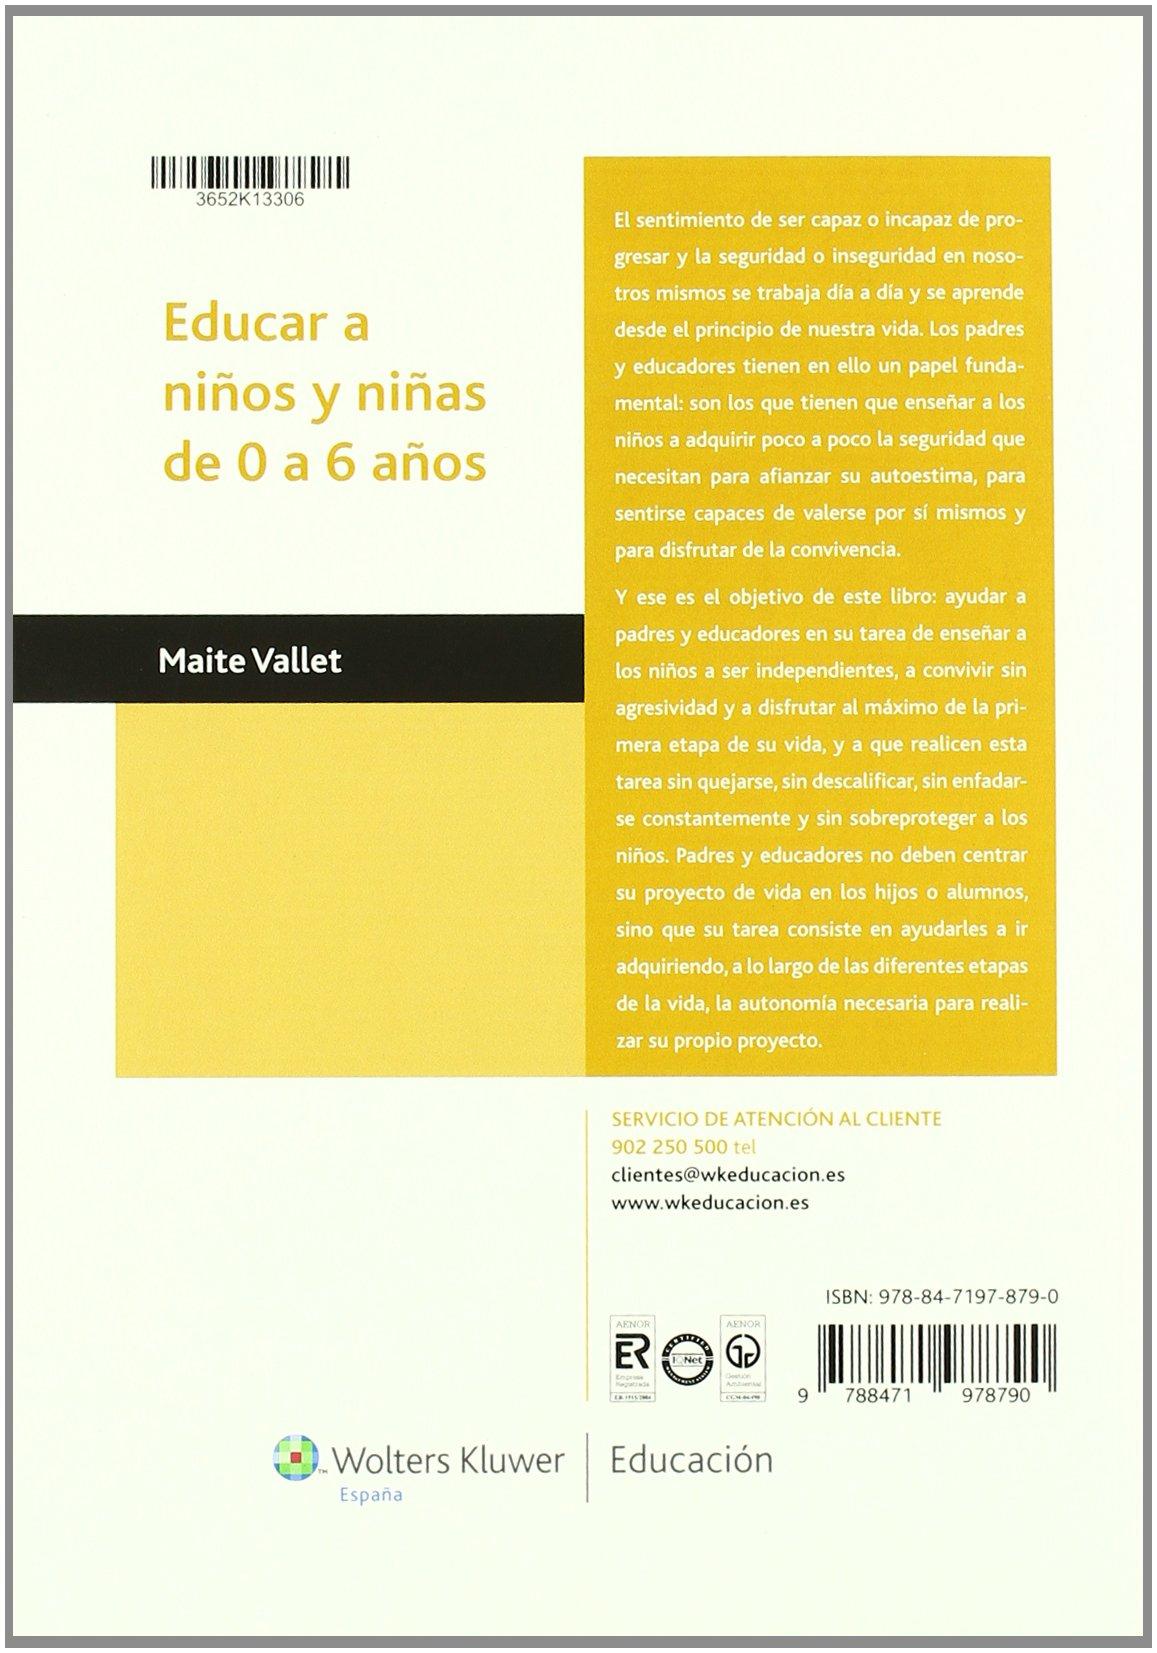 Valores y funciones: importancia de la educación infantil